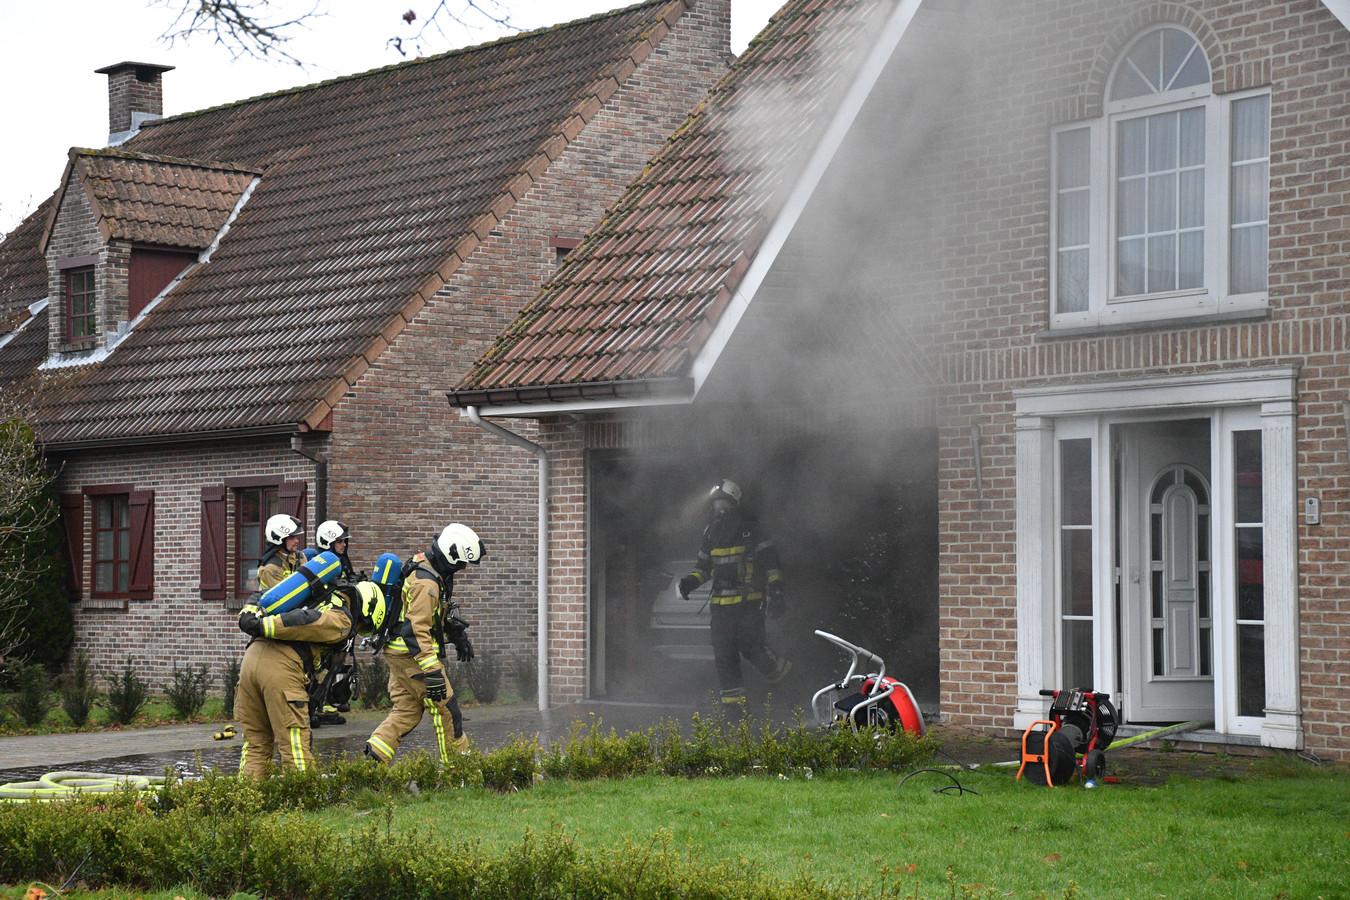 De brandweer blust een brand in een woning aan de Reepkenslei 33 in Kontich.